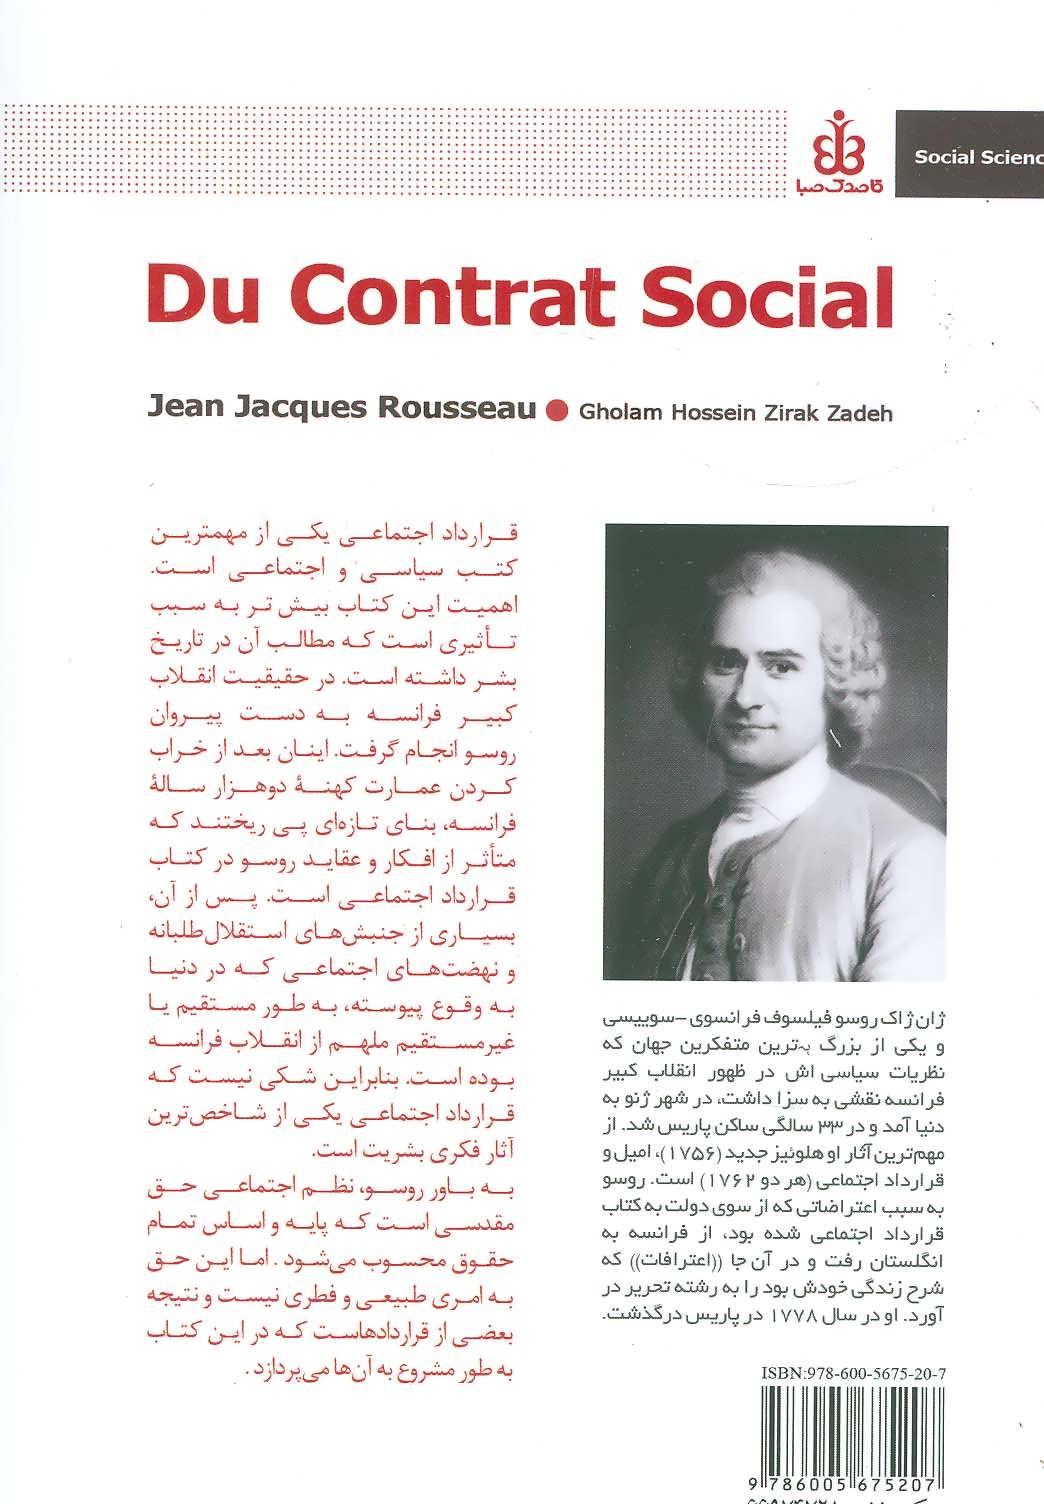 قرارداد اجتماعی (علوم اجتماعی)